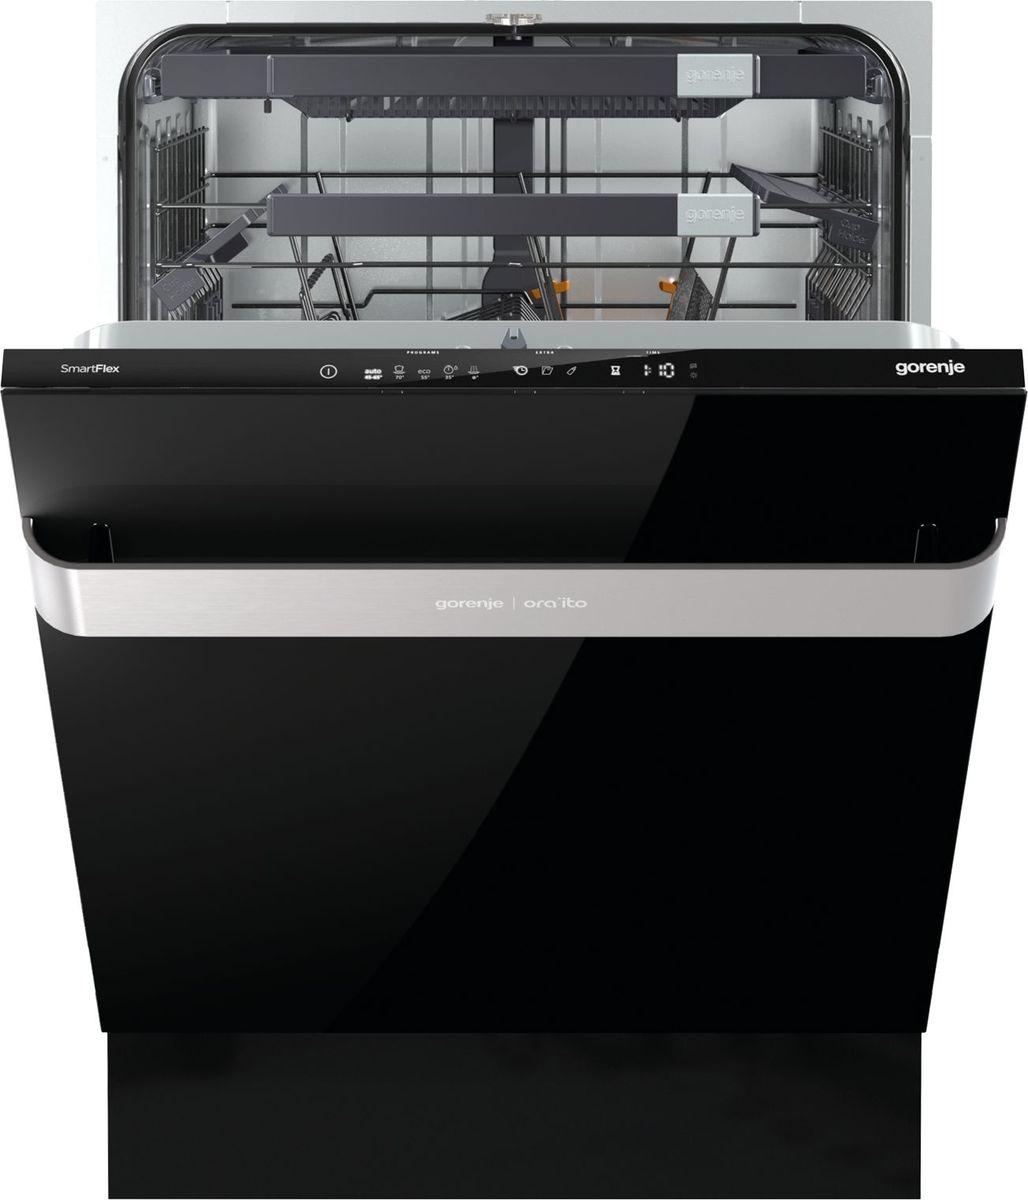 цена на Посудомоечная машина Gorenje GV60ORAB, 90000005023, встраиваемая, черный